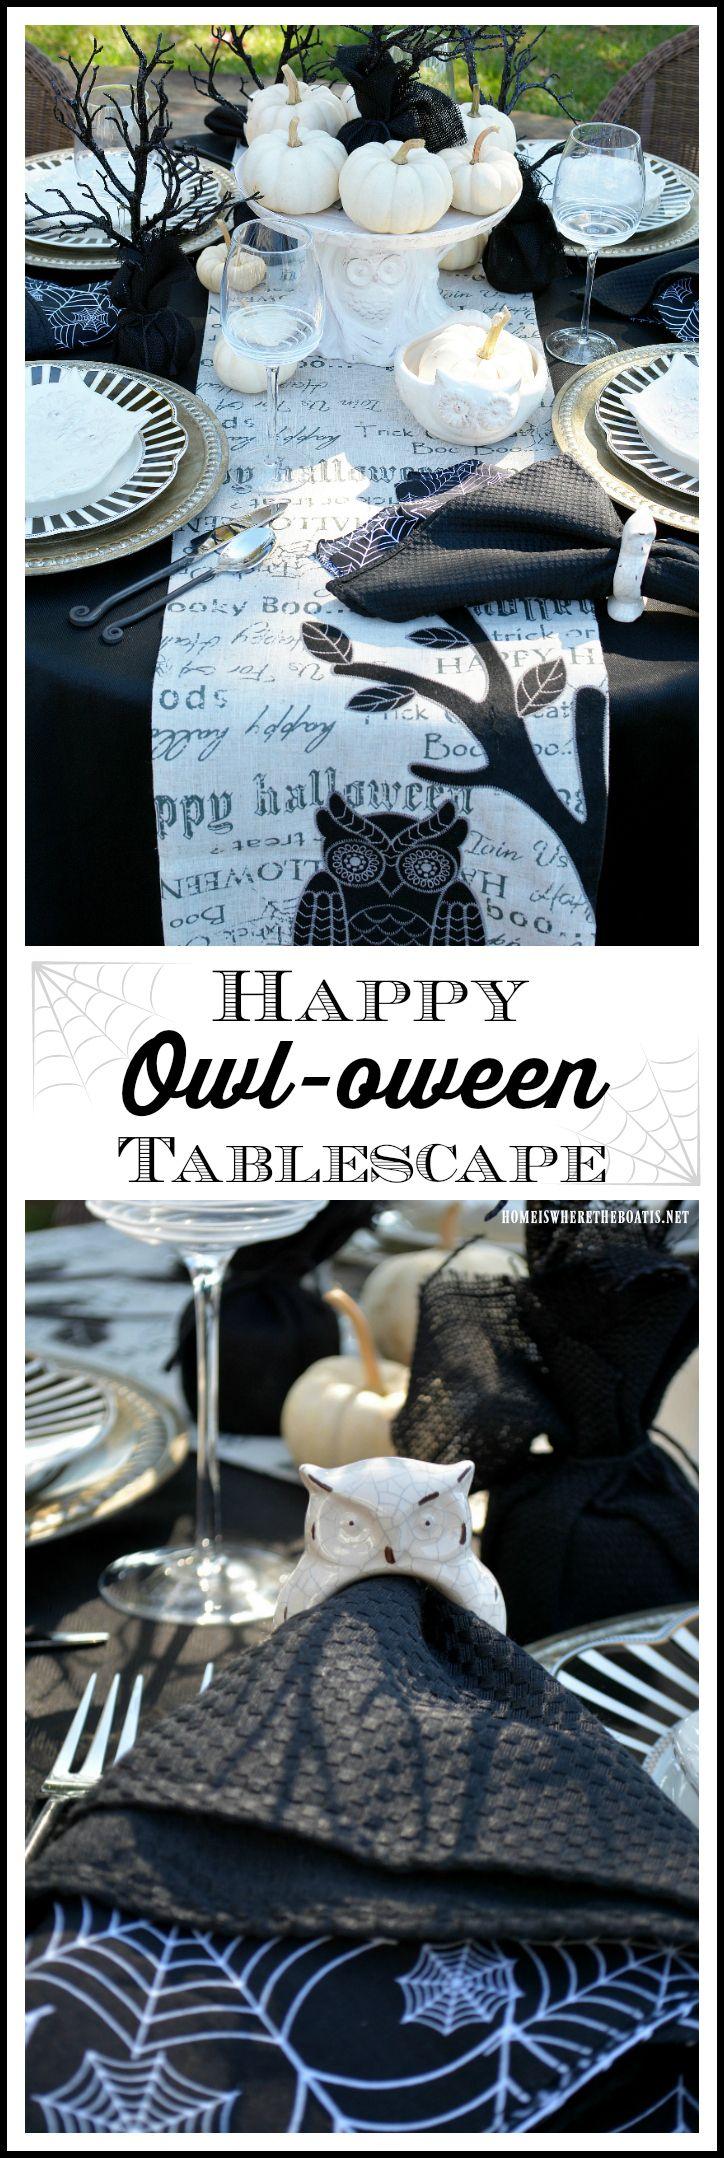 Happy Owl-oween Tablescape | homeiswheretheboatis.net #Halloween